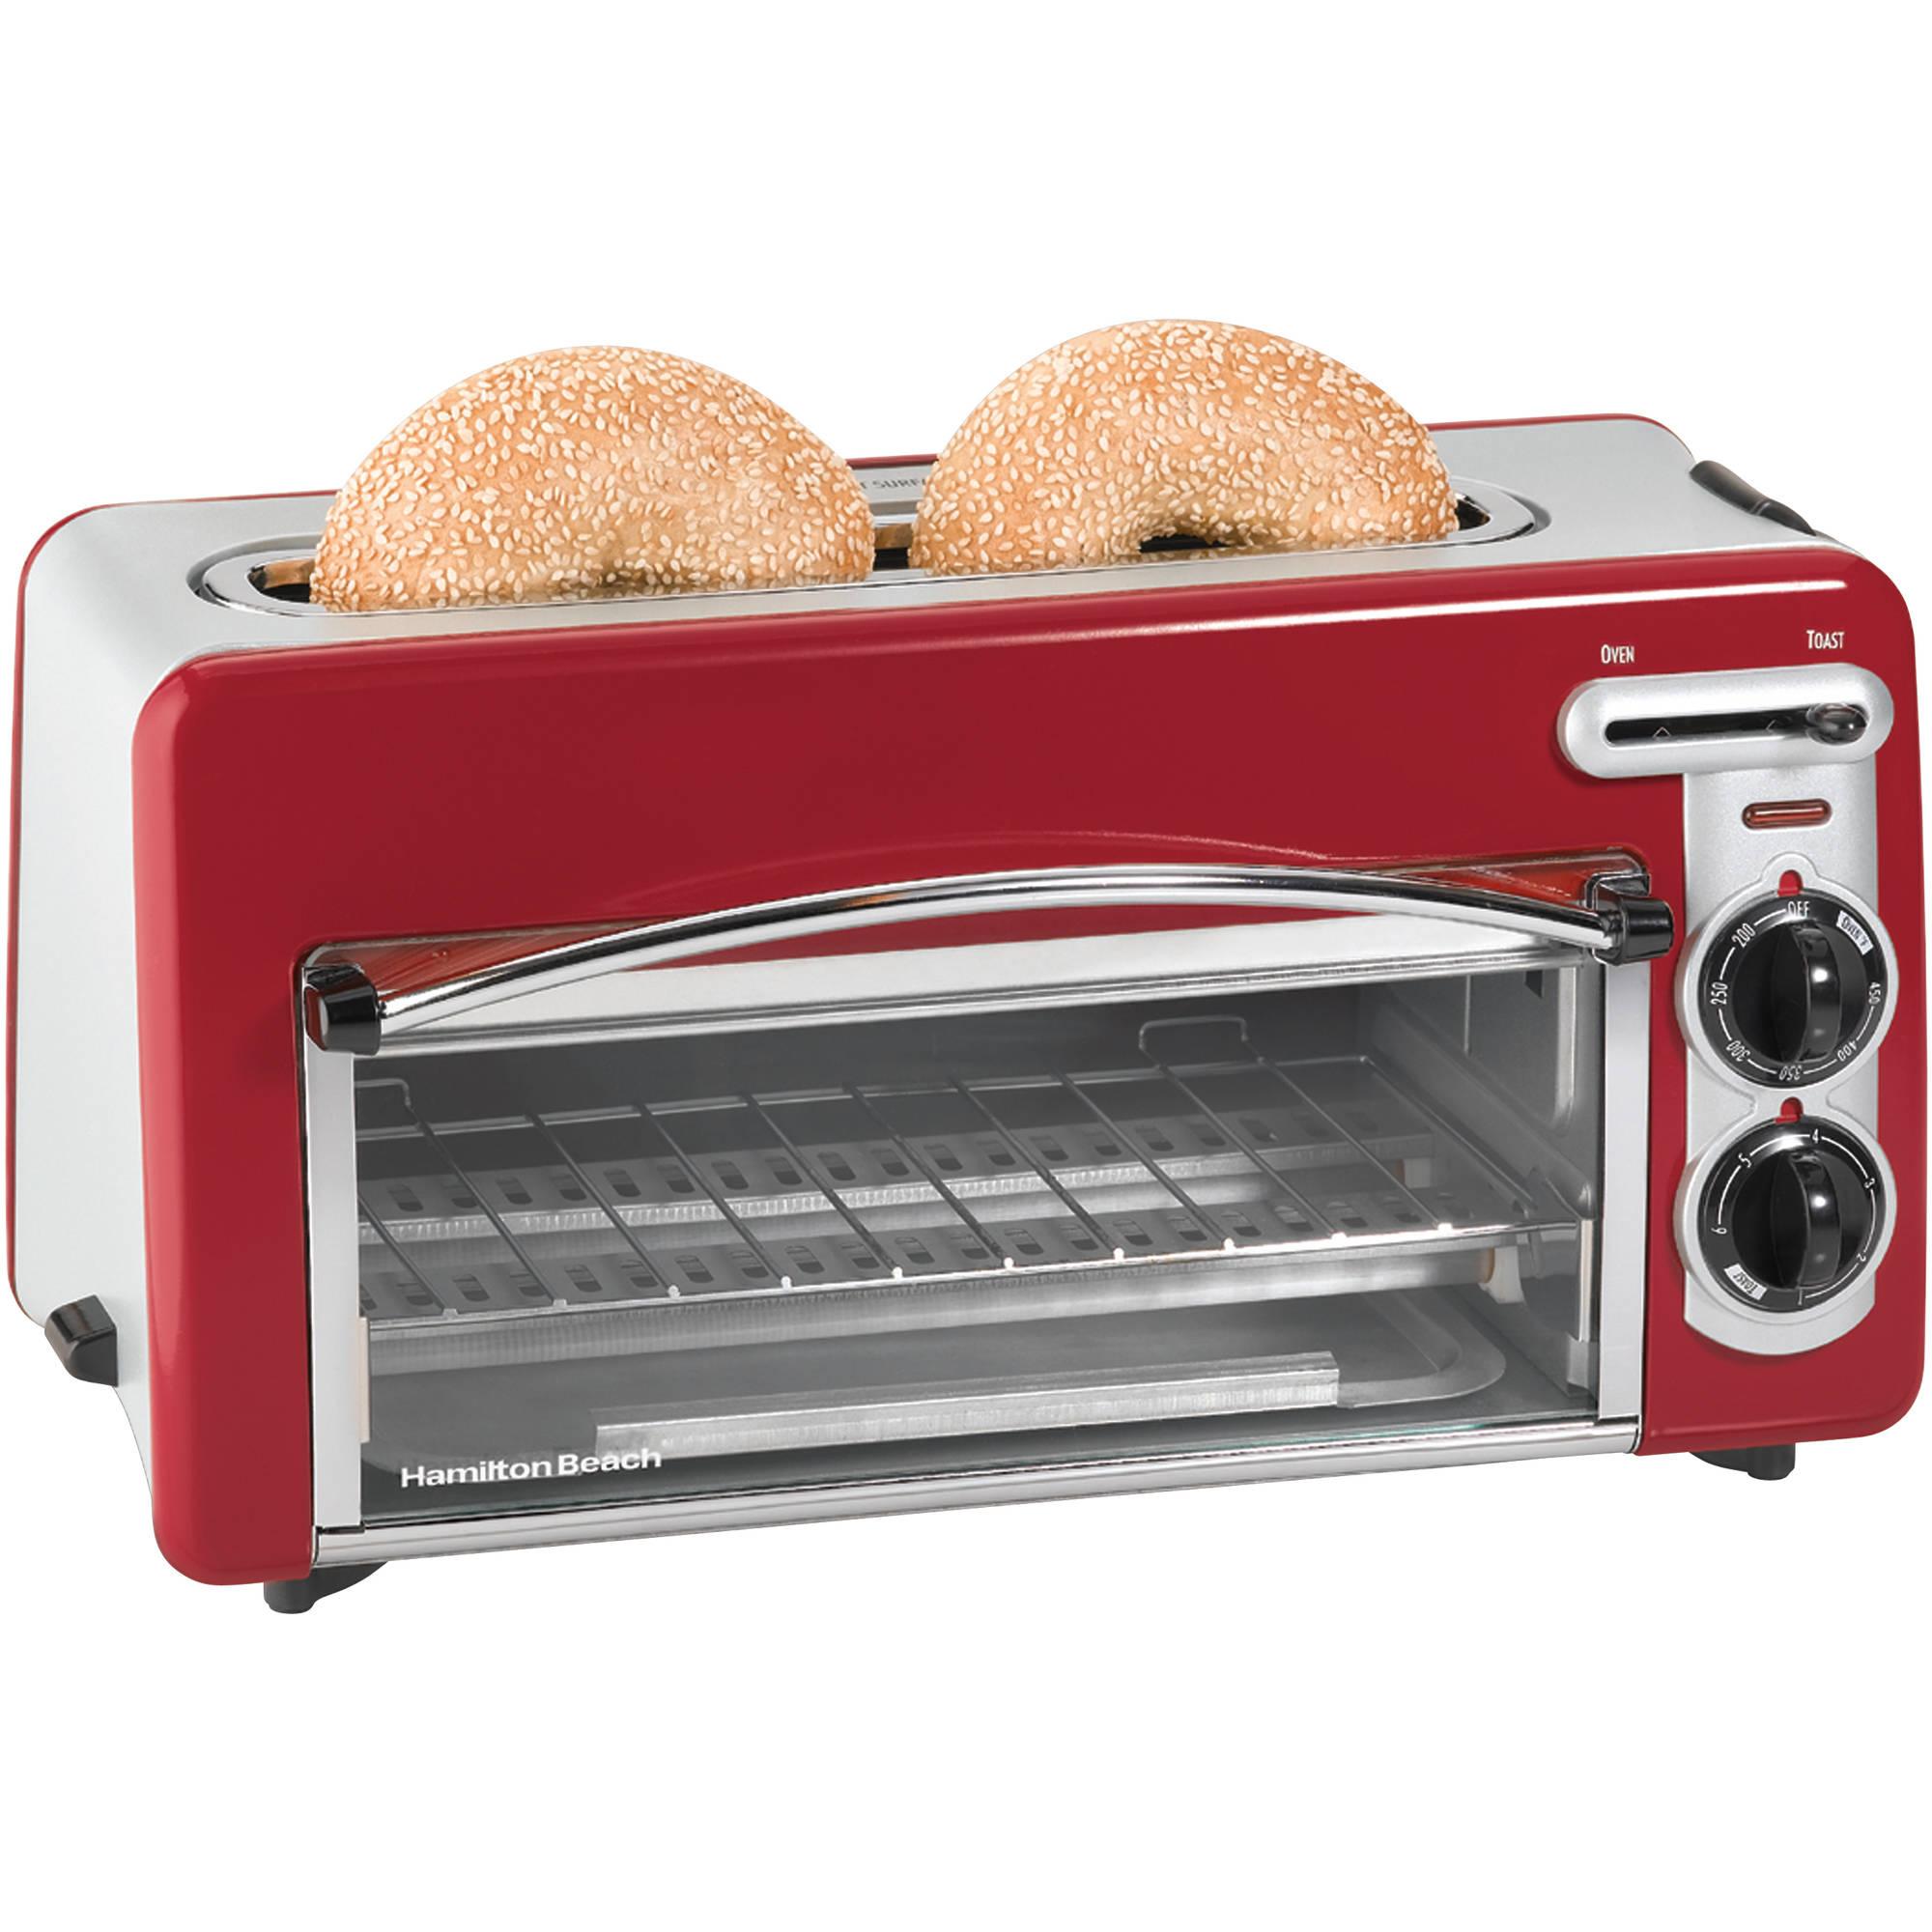 Hamilton Beach Toastation 2-in-1 2-Slice Toaster & Oven, 22703